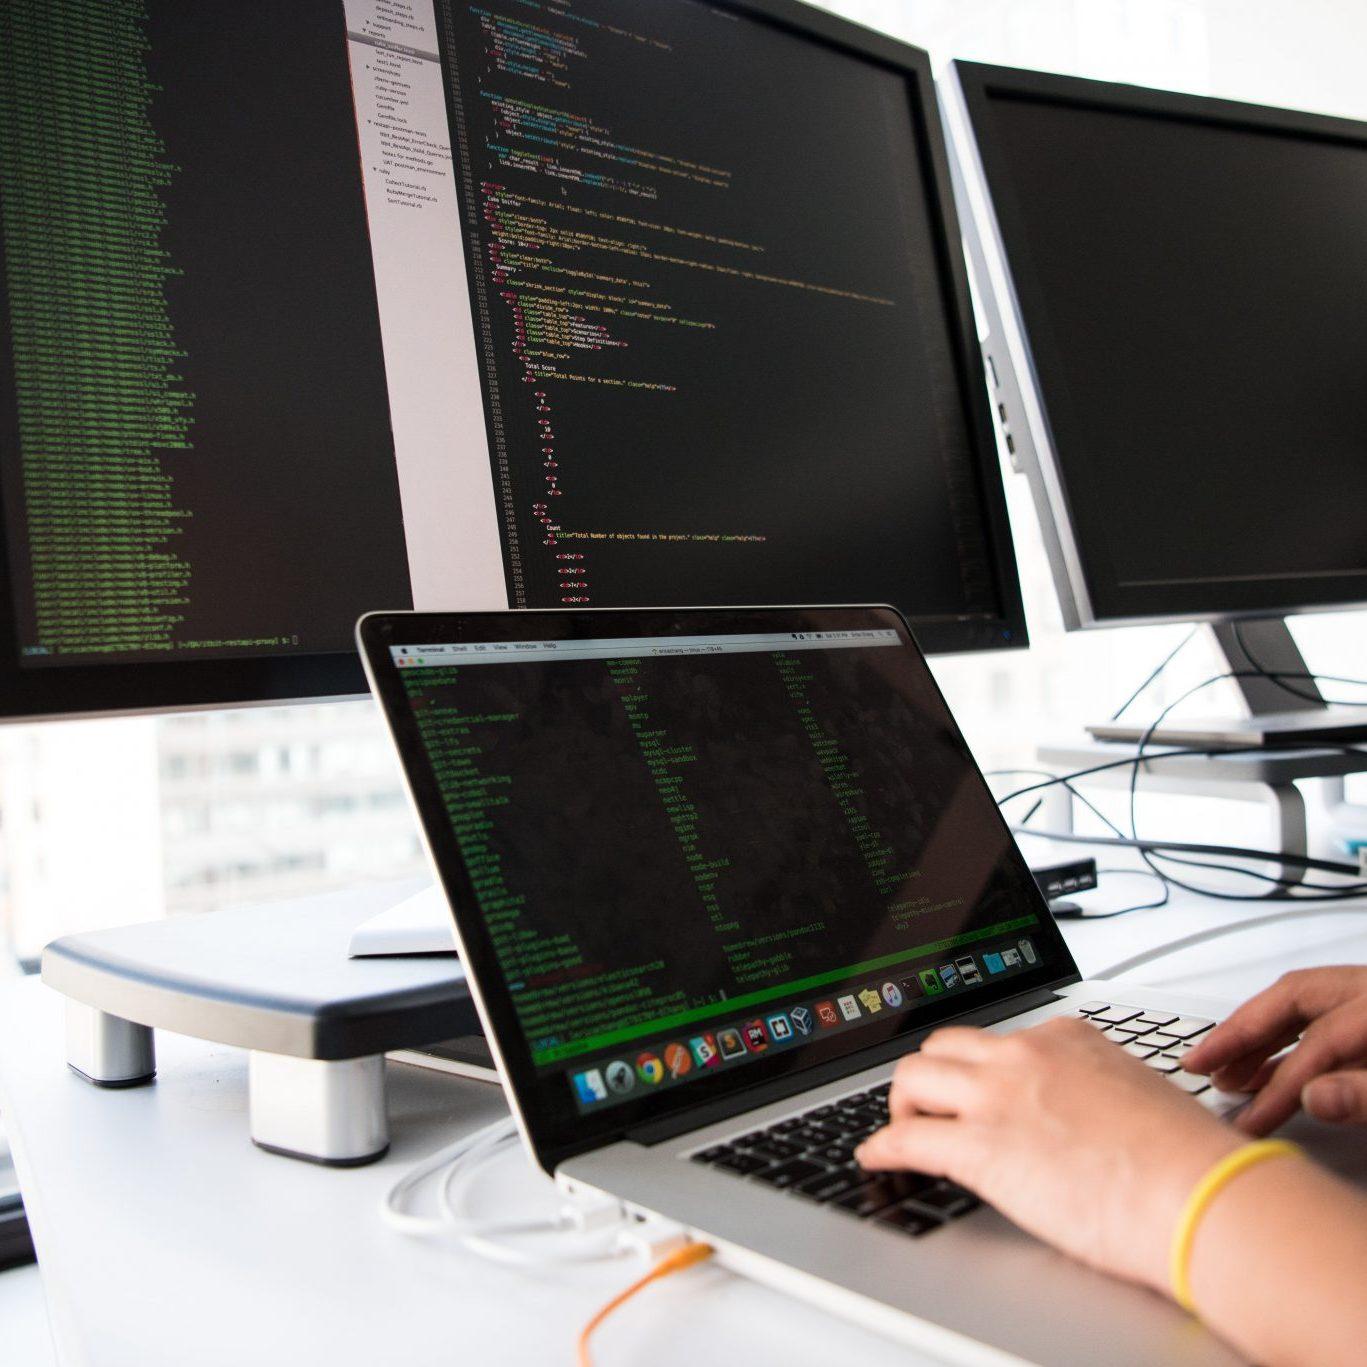 connection-data-desk-1181675